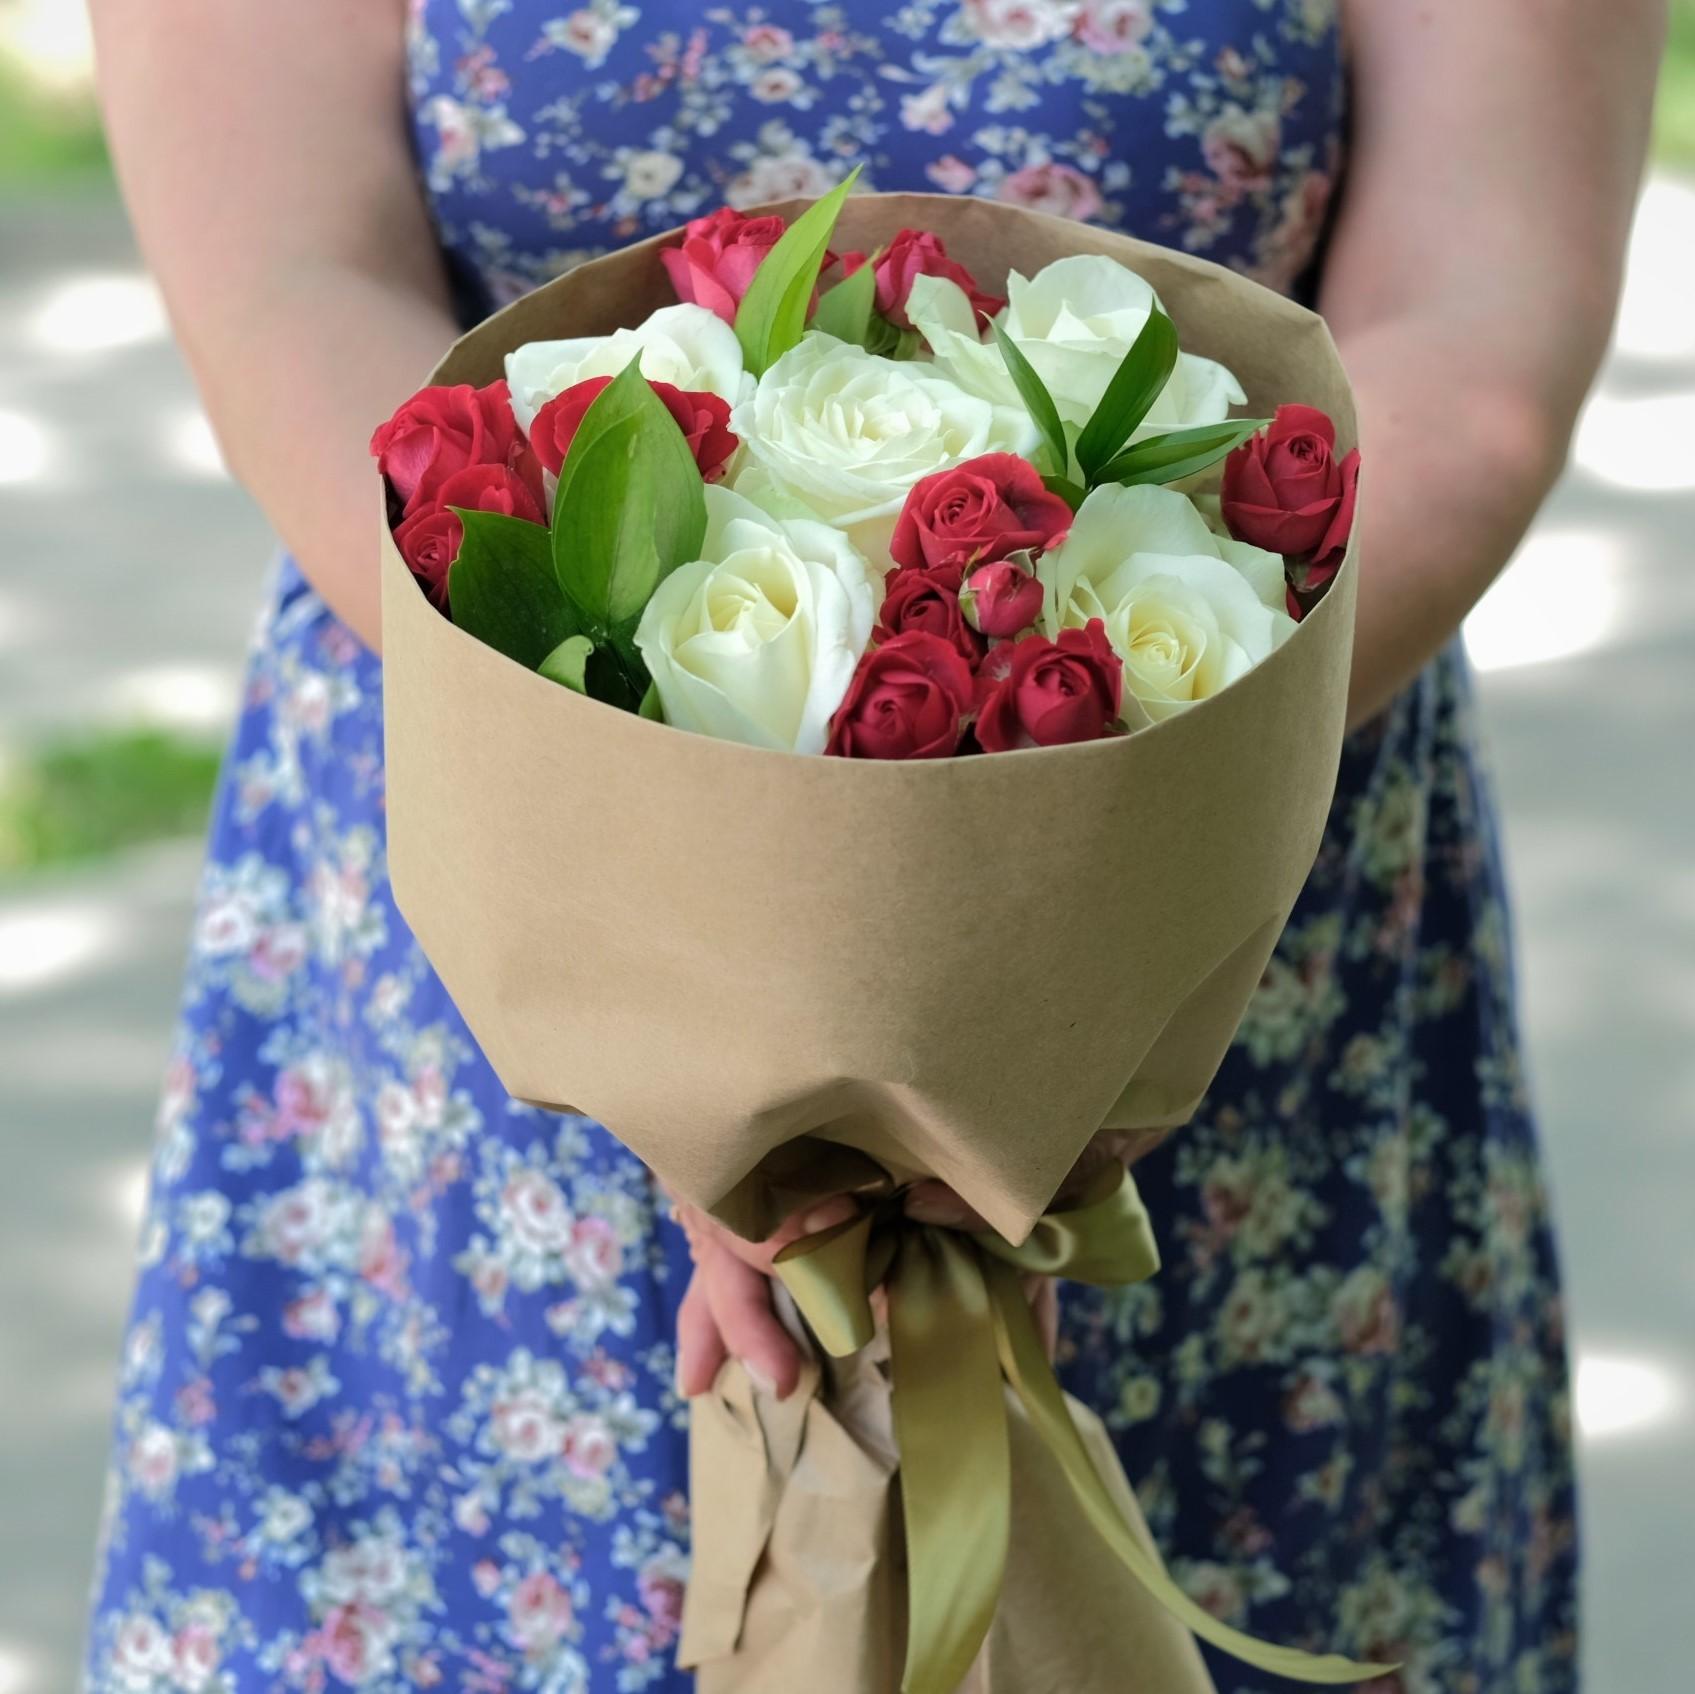 Купить недорогой букет с белыми розами Пермь заказать онлайн интернет магазин